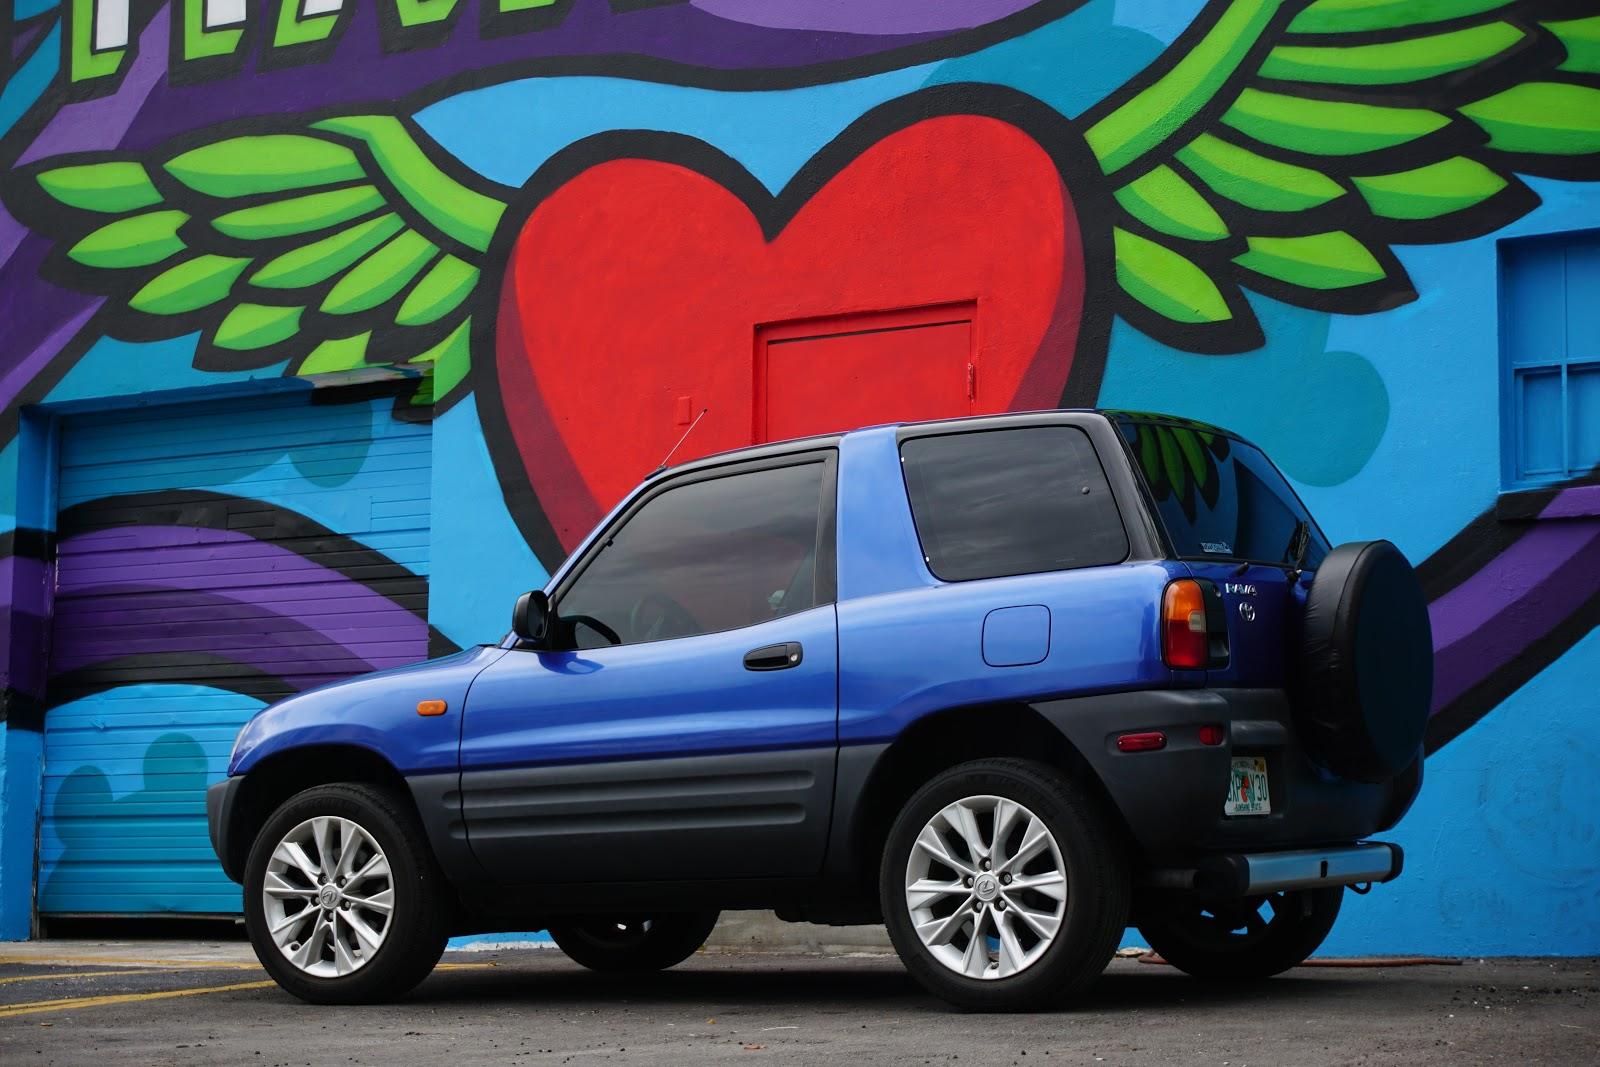 Little Blue Coupe: 1996 Toyota RAV4